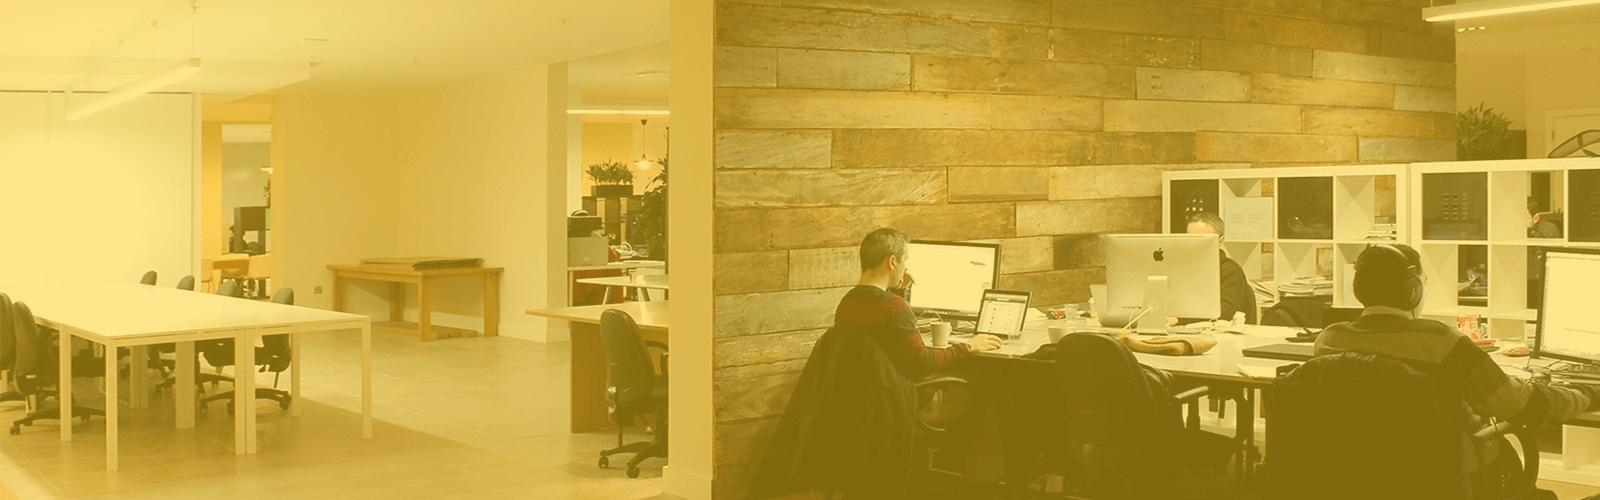 worker, coworking, computer, desk, openspace